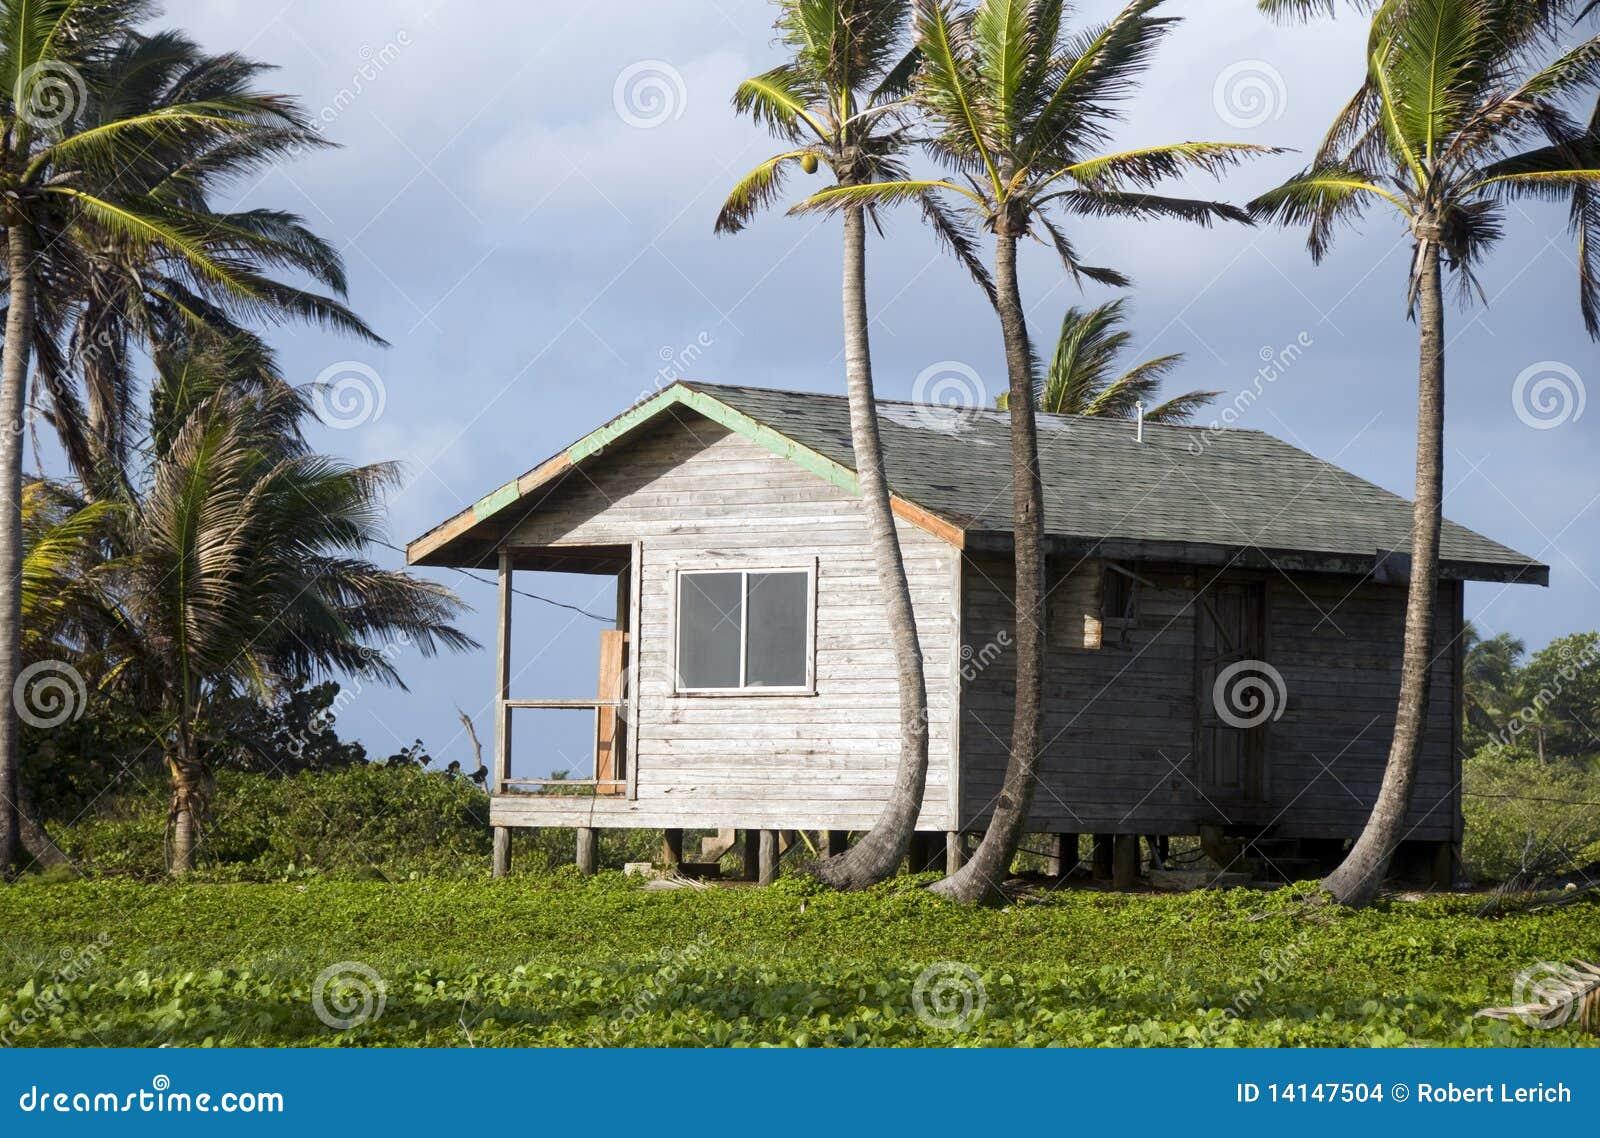 Casa de la caba a con las palmeras nicaragua imagenes de - La casa de las palmeras ...